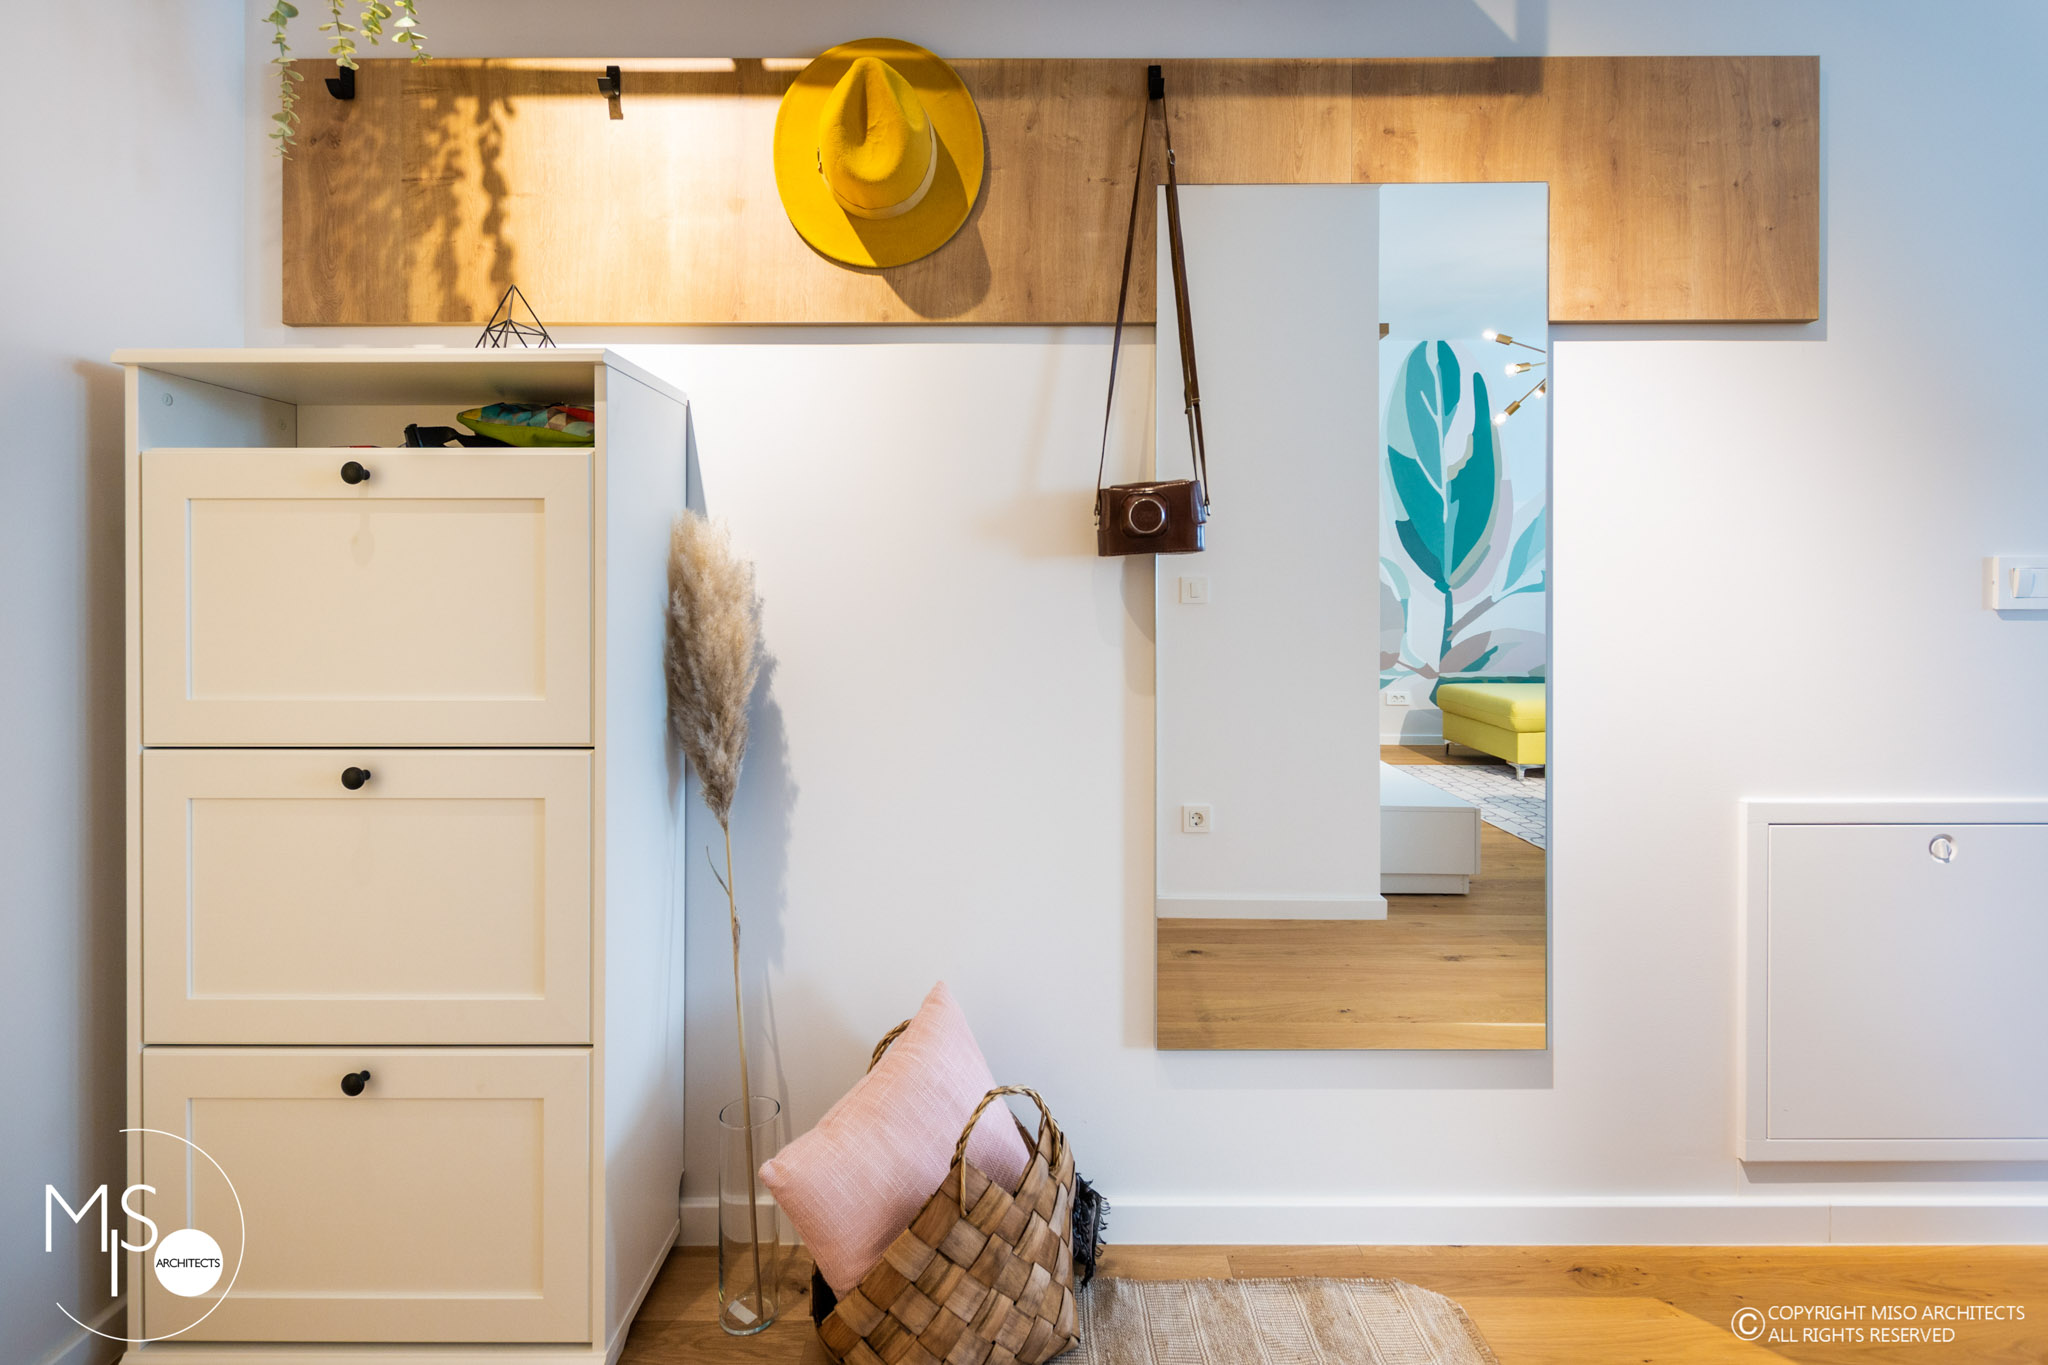 rent-apartment-interior-design.jpg